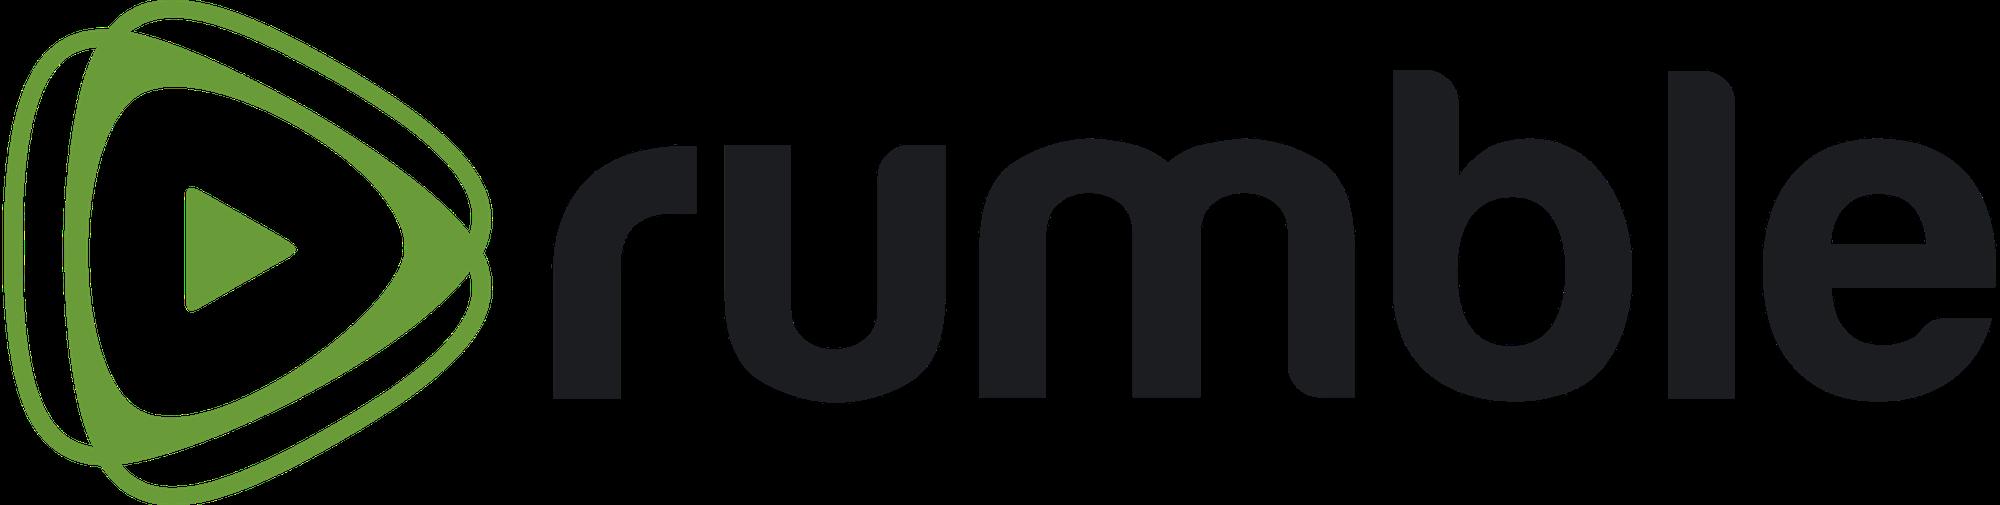 【オルタナ・テック】Rumble(ランブル)「保守派や右翼のための動画プラットフォーム」